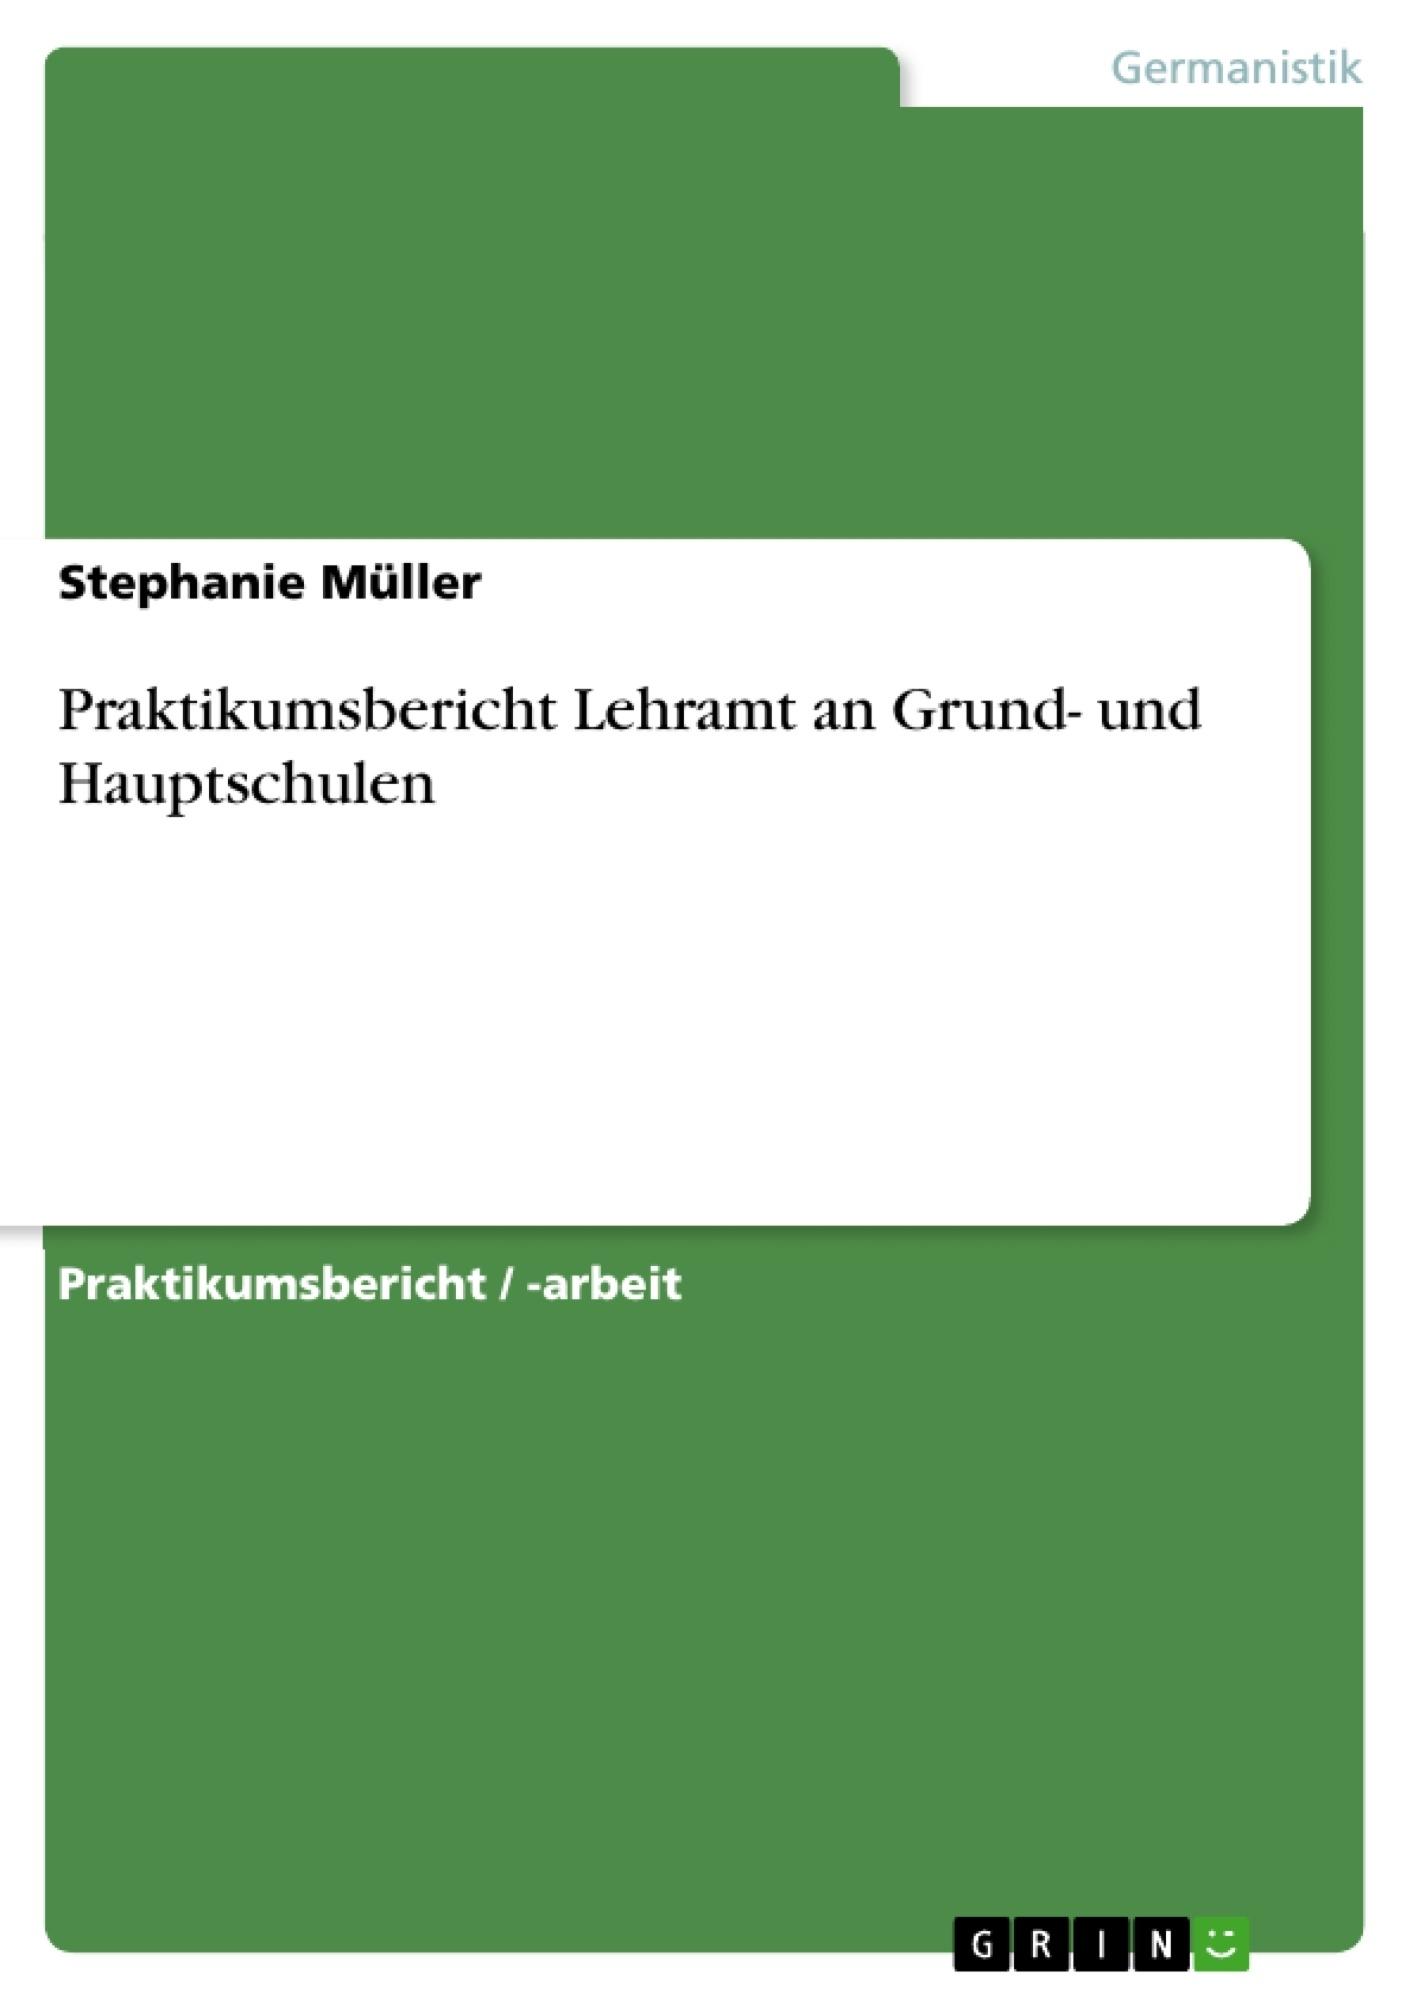 Titel: Praktikumsbericht Lehramt an Grund- und Hauptschulen